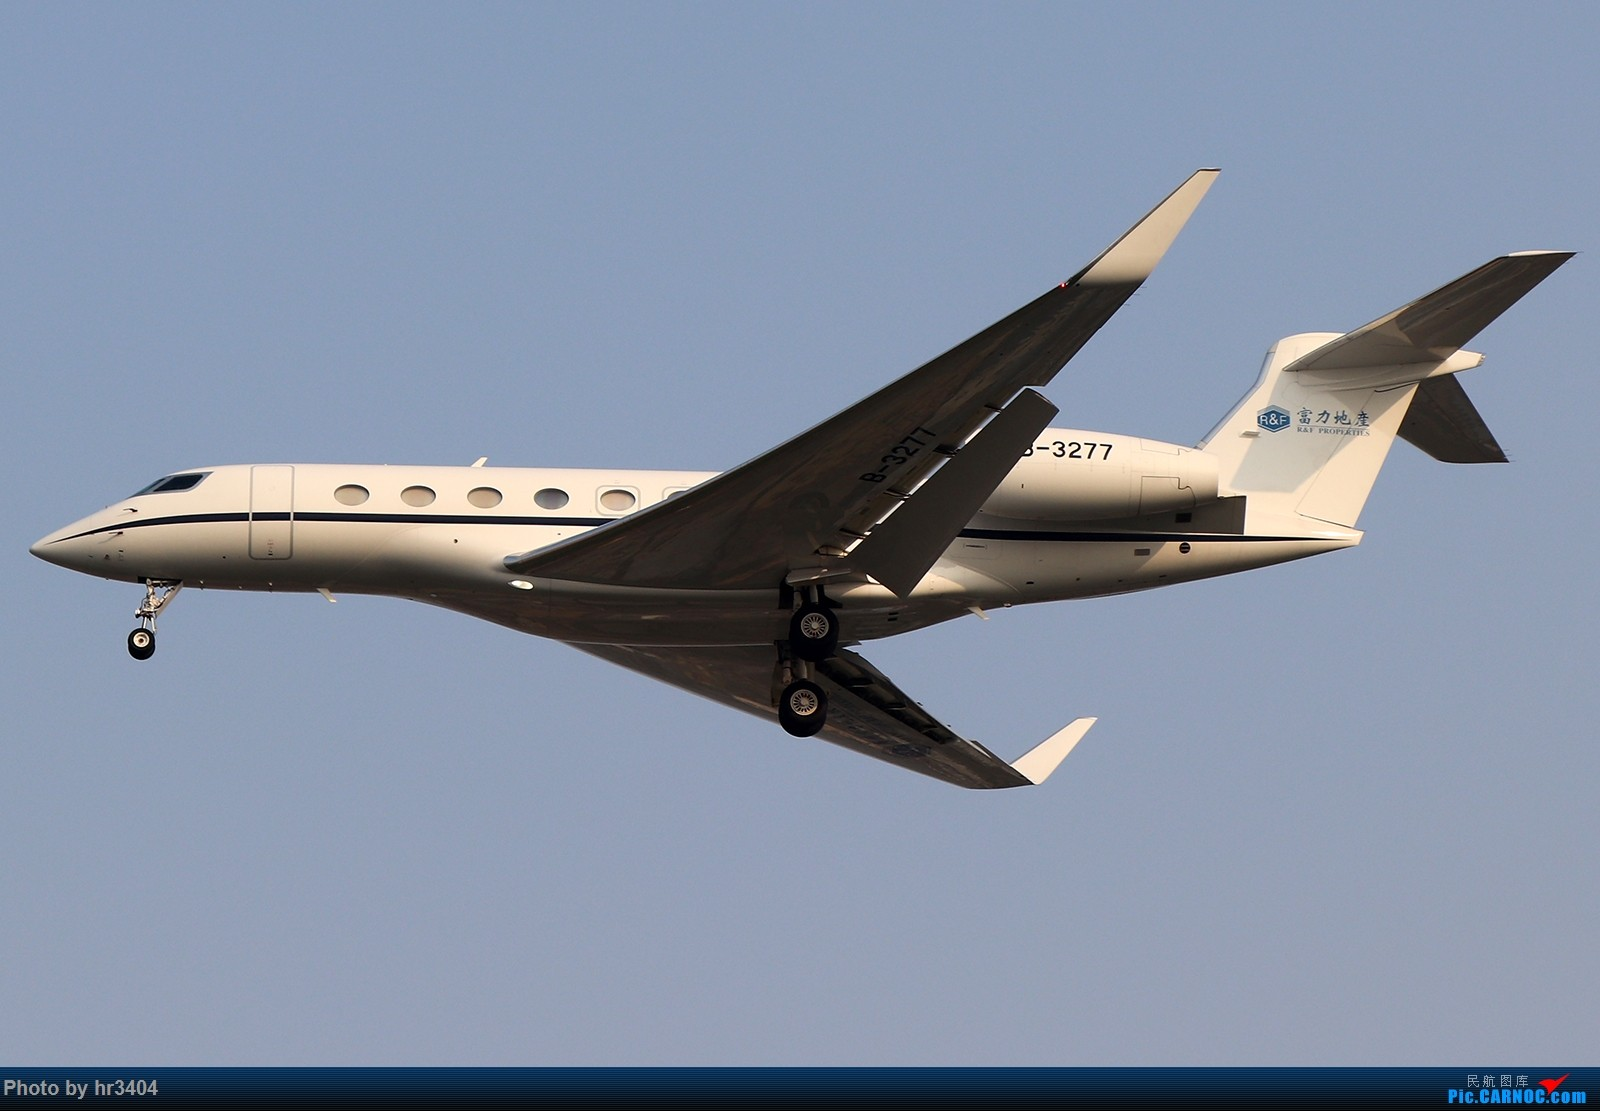 Re:[原创]寒假ZGGG拍机 GULFSTREAM G650 B-3277 中国广州白云国际机场